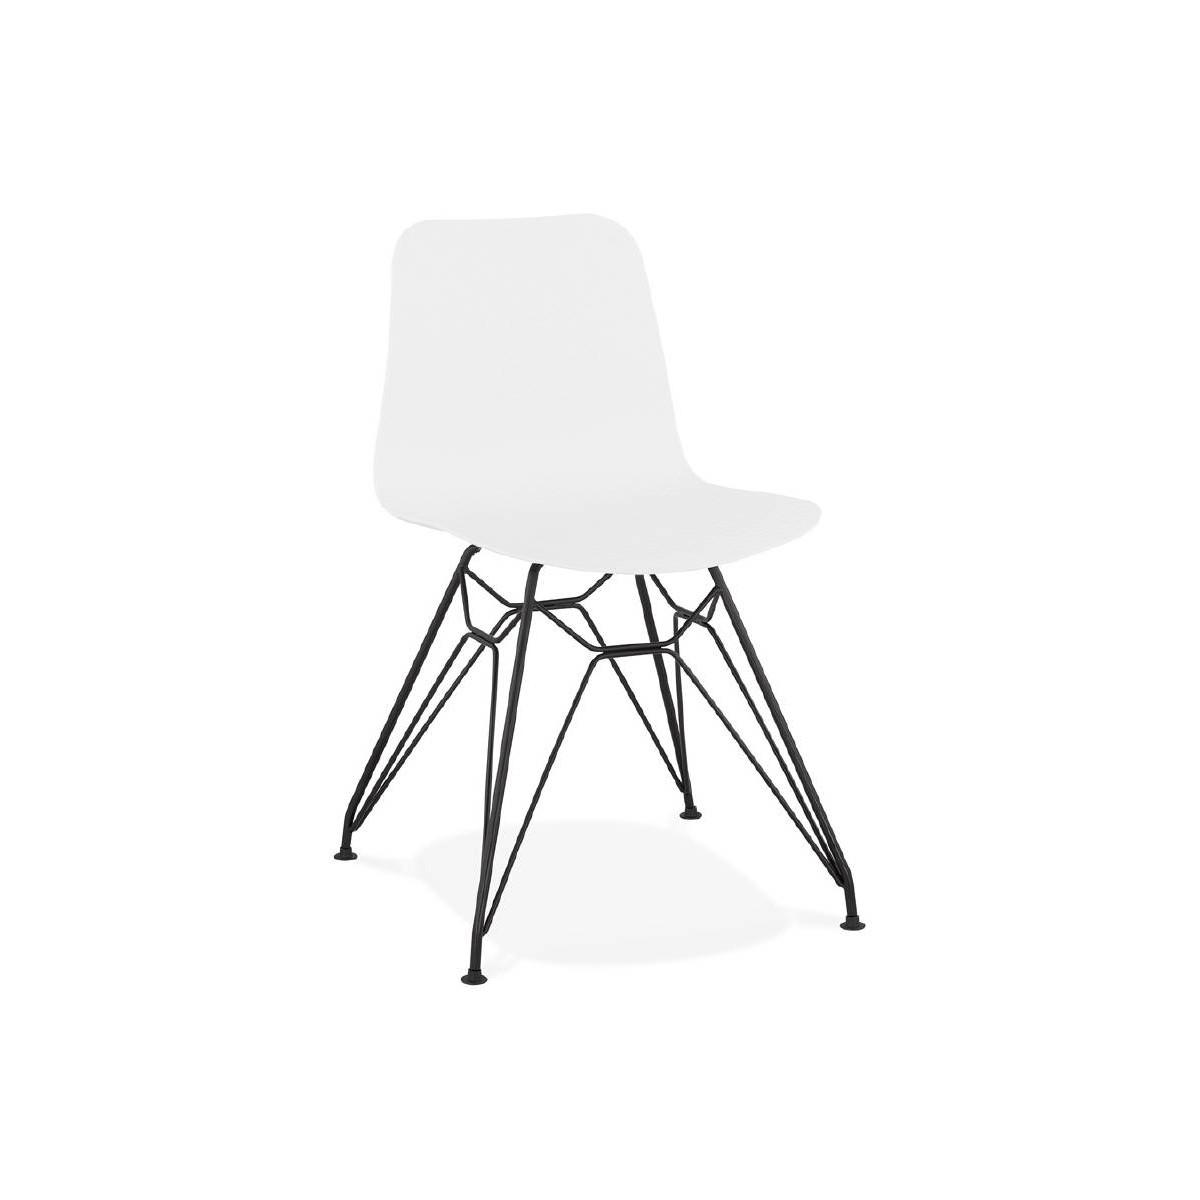 chaise design et industrielle venus en polypropylene pieds metal noir blanc amp story 5705